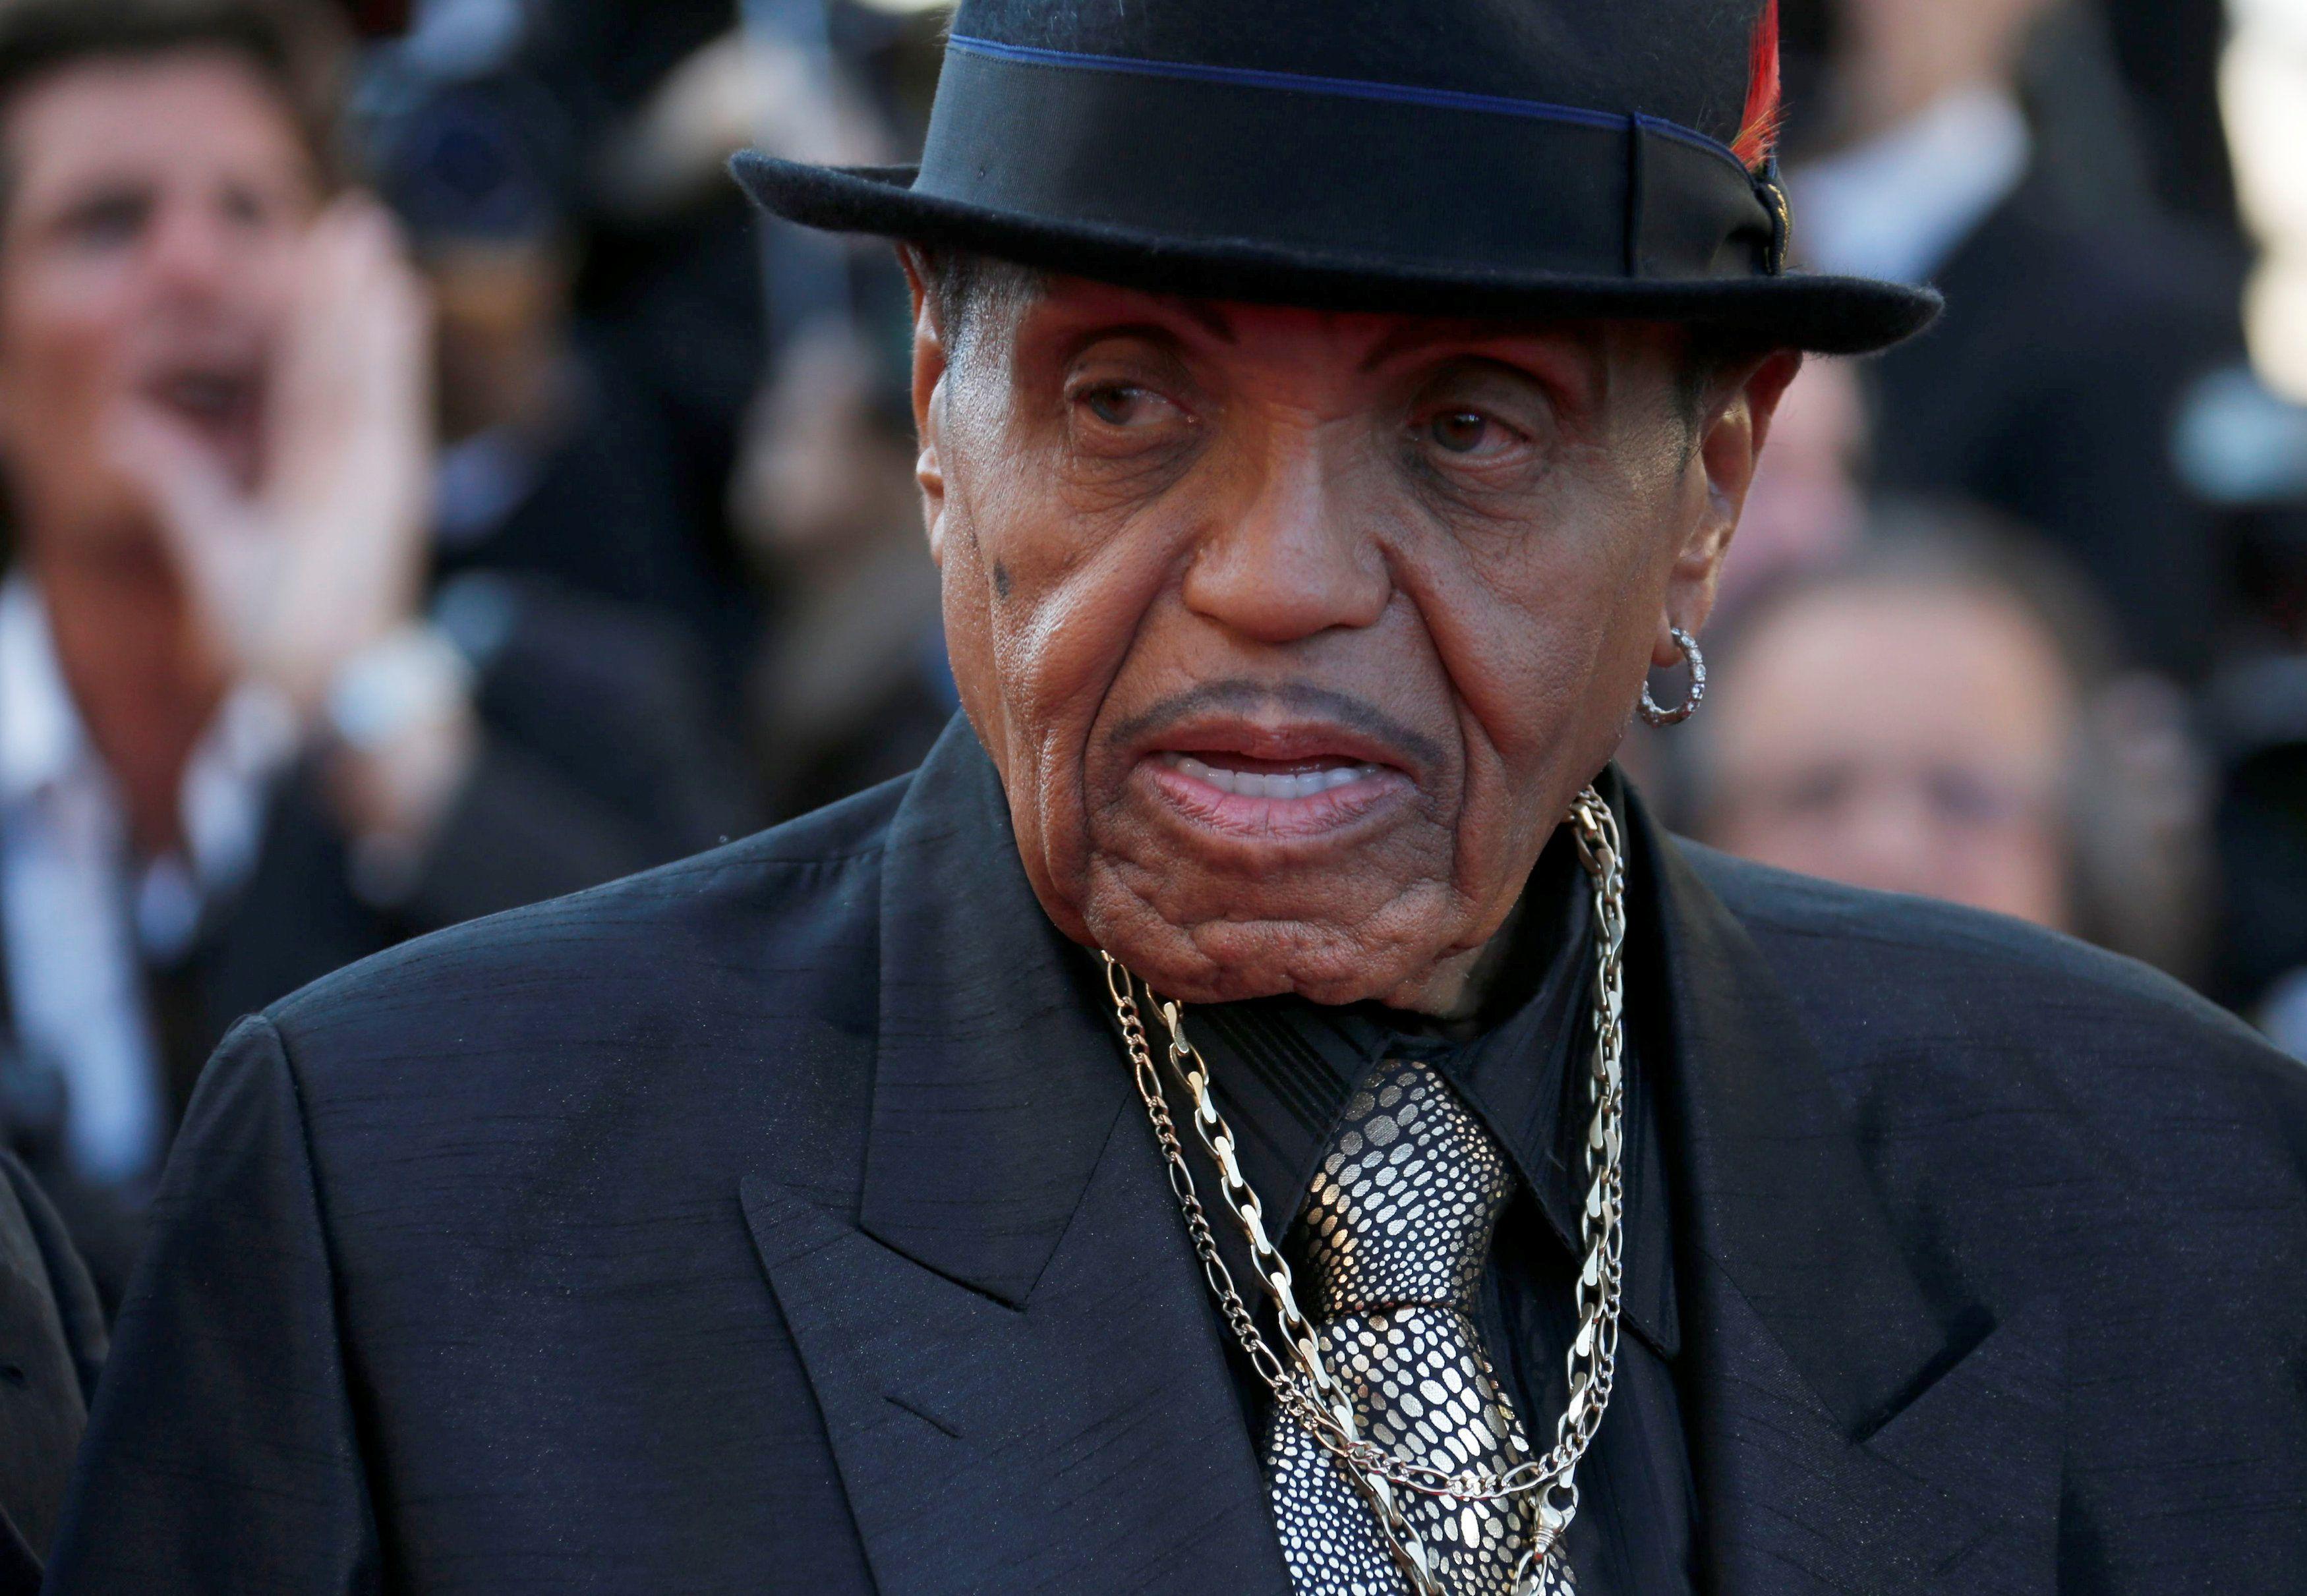 Джо Джексон скончался в США в возрасте 89 лет